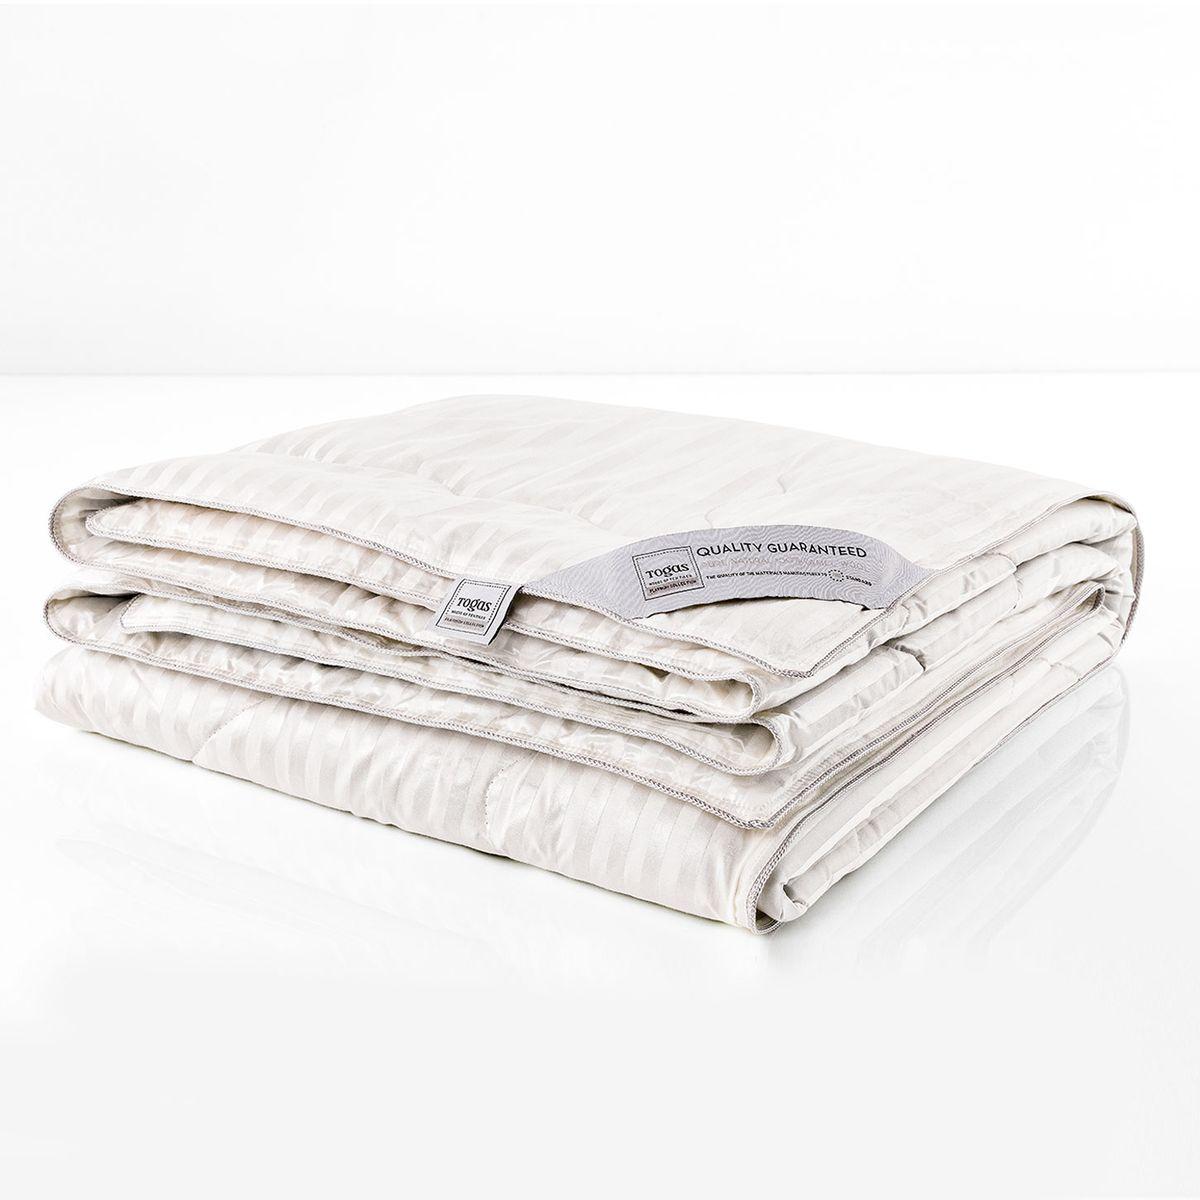 """Одеяло Роял верблюжья шерсть в шелке, 220 х 240 см. 20.04.17.005720.04.17.0057Сон под таким одеялом наполнен небесными ощущениями…Верблюжья шерсть удивительно легкая, что делает одеяла с таким наполнителем практически невесомыми, воздушными. Словно облако нежного тепла подхватывает Вас, расслябляя мыщцы, окутывая заботой, окружая непревзойденным комфортом… Верблюжья шерсть прочнее и легче других видов шерсти, имеет полую структуру, благодаря чему превосходно удерживает тепло и одновременно """"дышит"""". Свойства шелка, из которого сделан чехол одеяла, удивительны. Чистый шелк обладает антибактериальными и гипоаллергенными свойствами. Наполнитель из верблюжьей шерсти в сочетании с шелковым чехлом - это изысканный комфорт, окружающий Вас каждую ночь… И сопровождающий Вас на протяжении всего дня."""